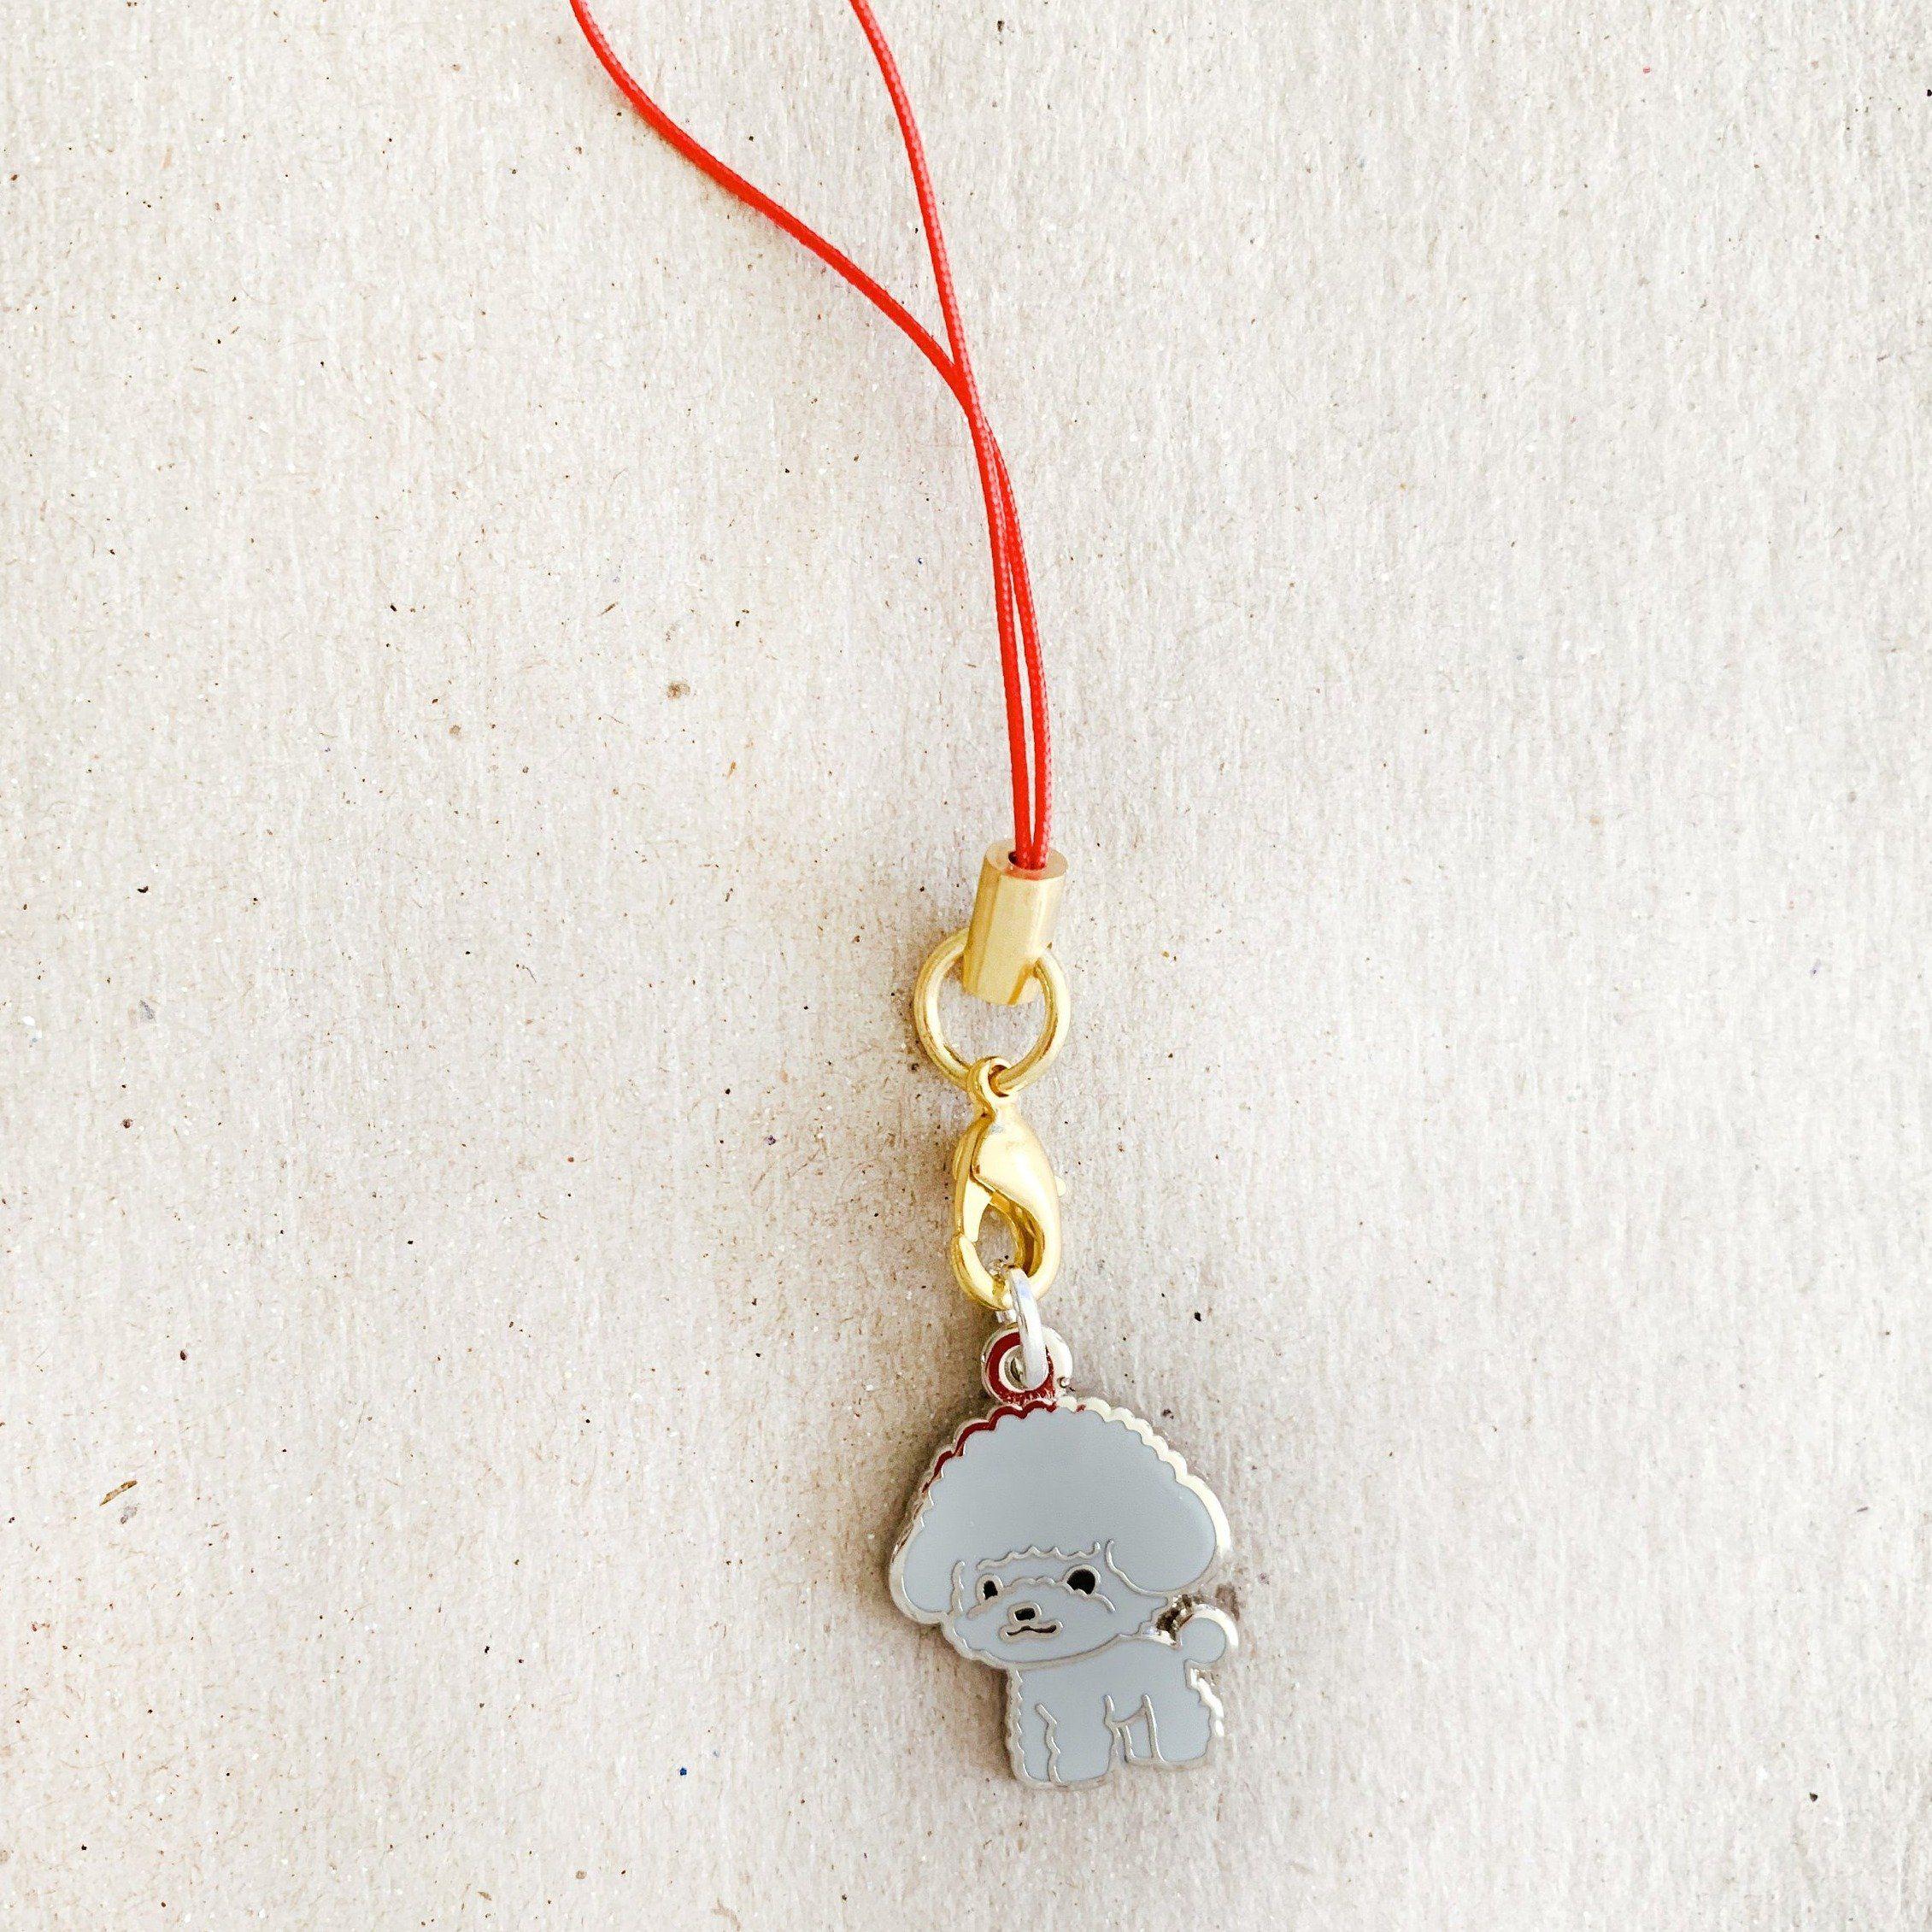 Enamel Charm - Toy Poodle Keychain (Gray)